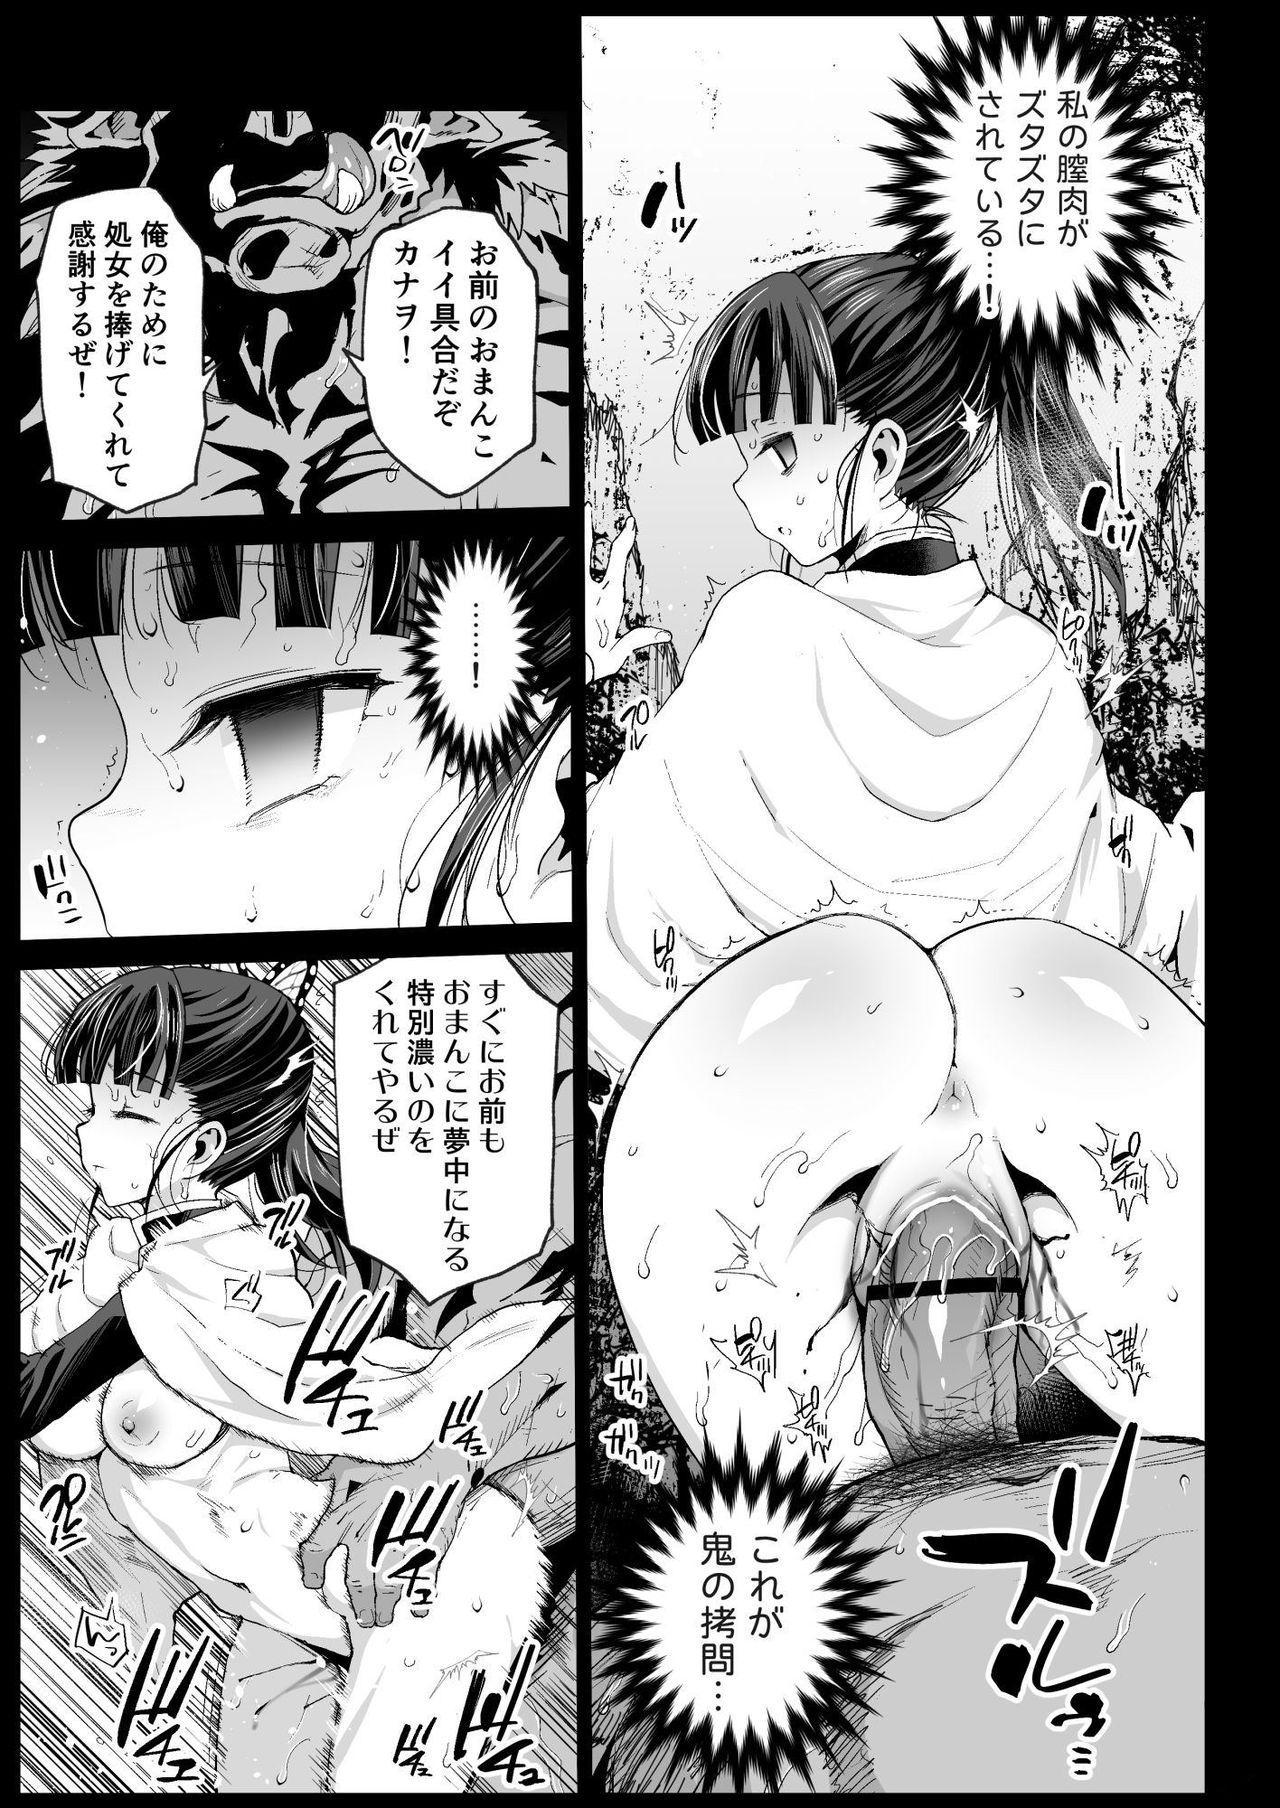 Kana o muhyōjō kan - RAPE OF DEMON SLAYER 3 14